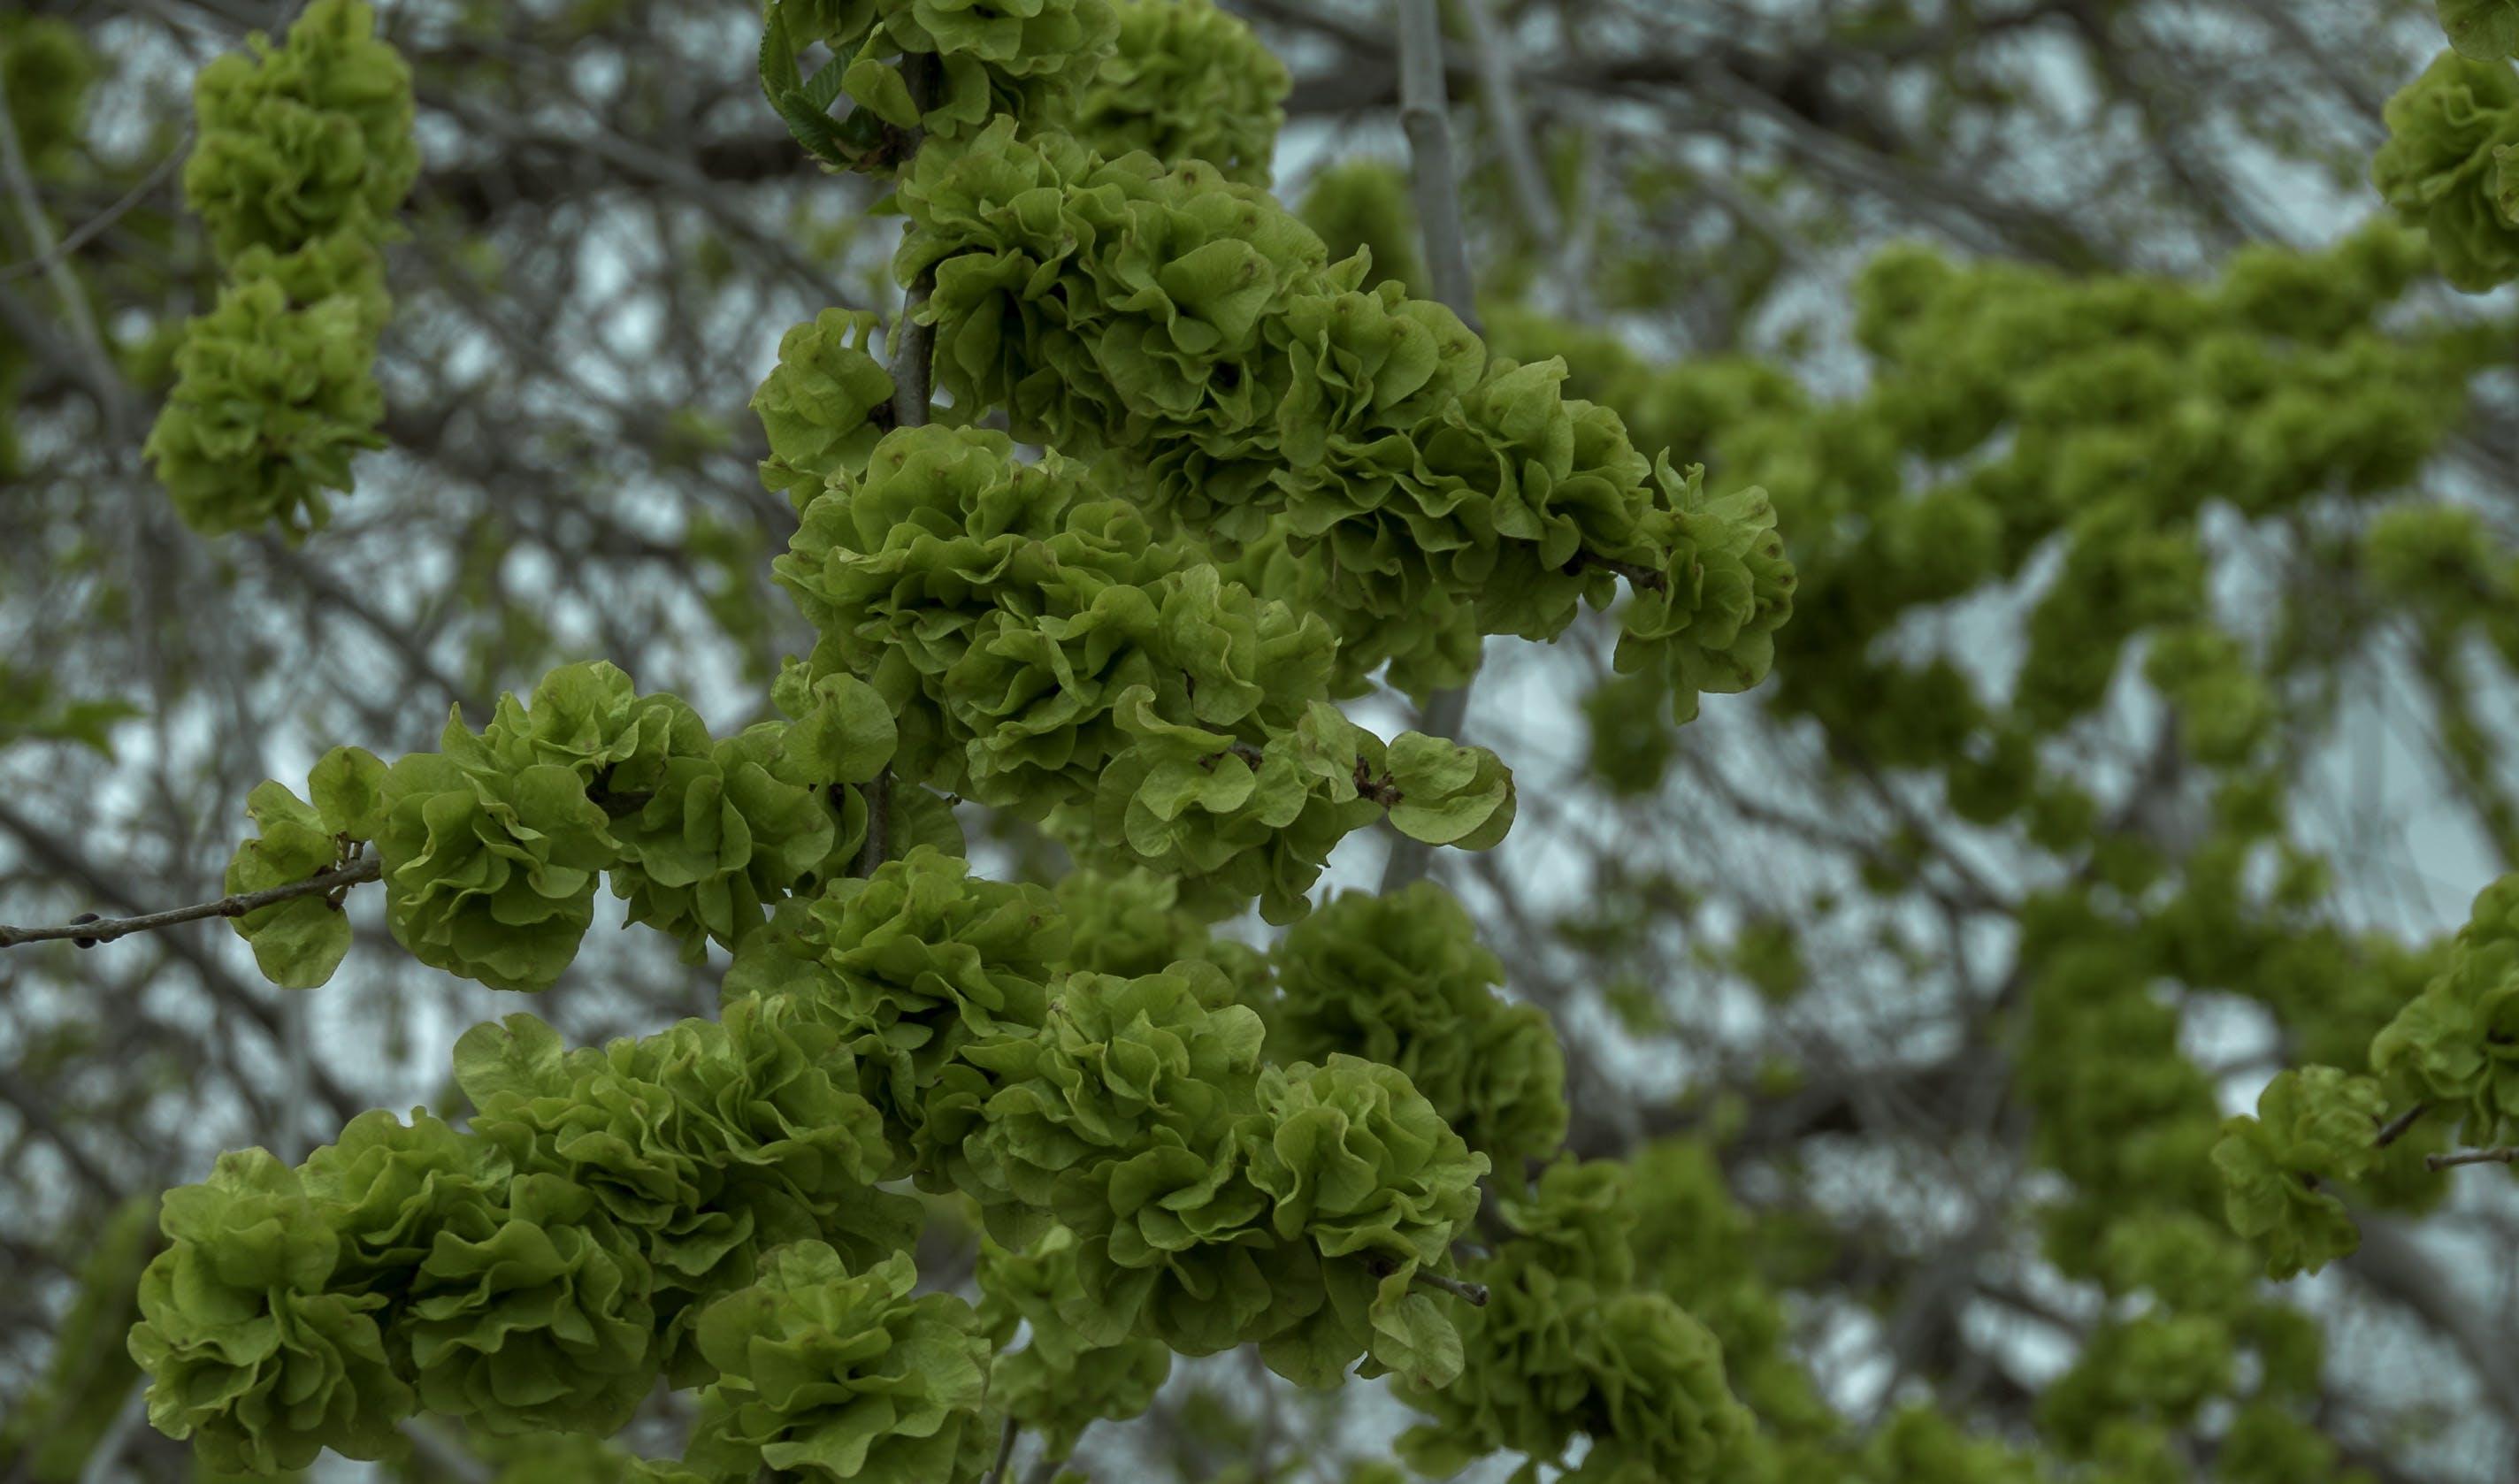 Free stock photo of springtime